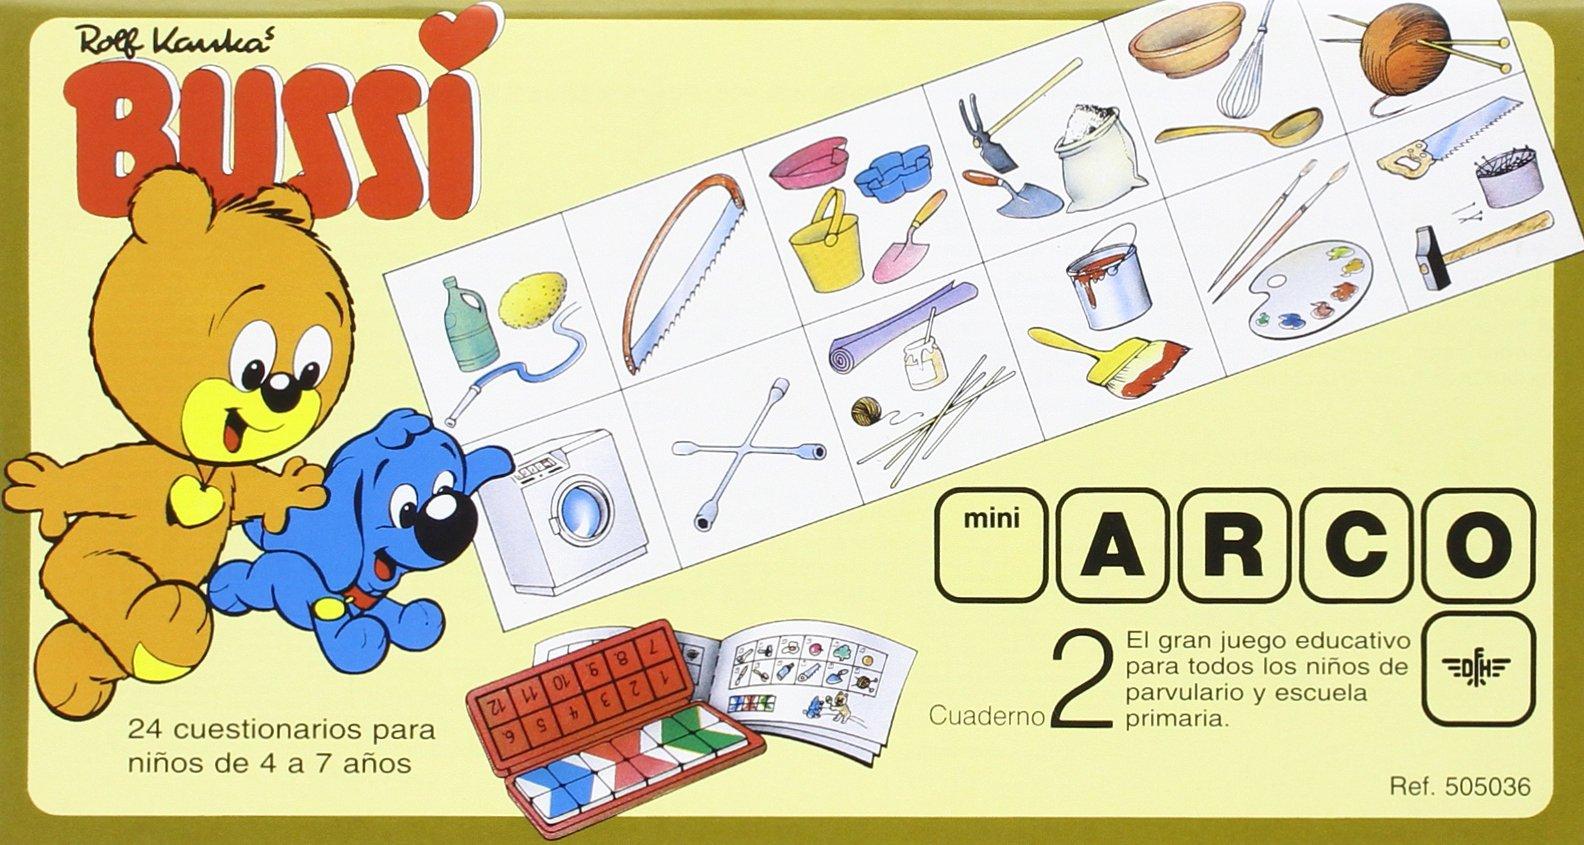 M-ARCO BUSSI 2 5 MINI ARC 5036: Amazon.es: Aa.Vv.: Libros